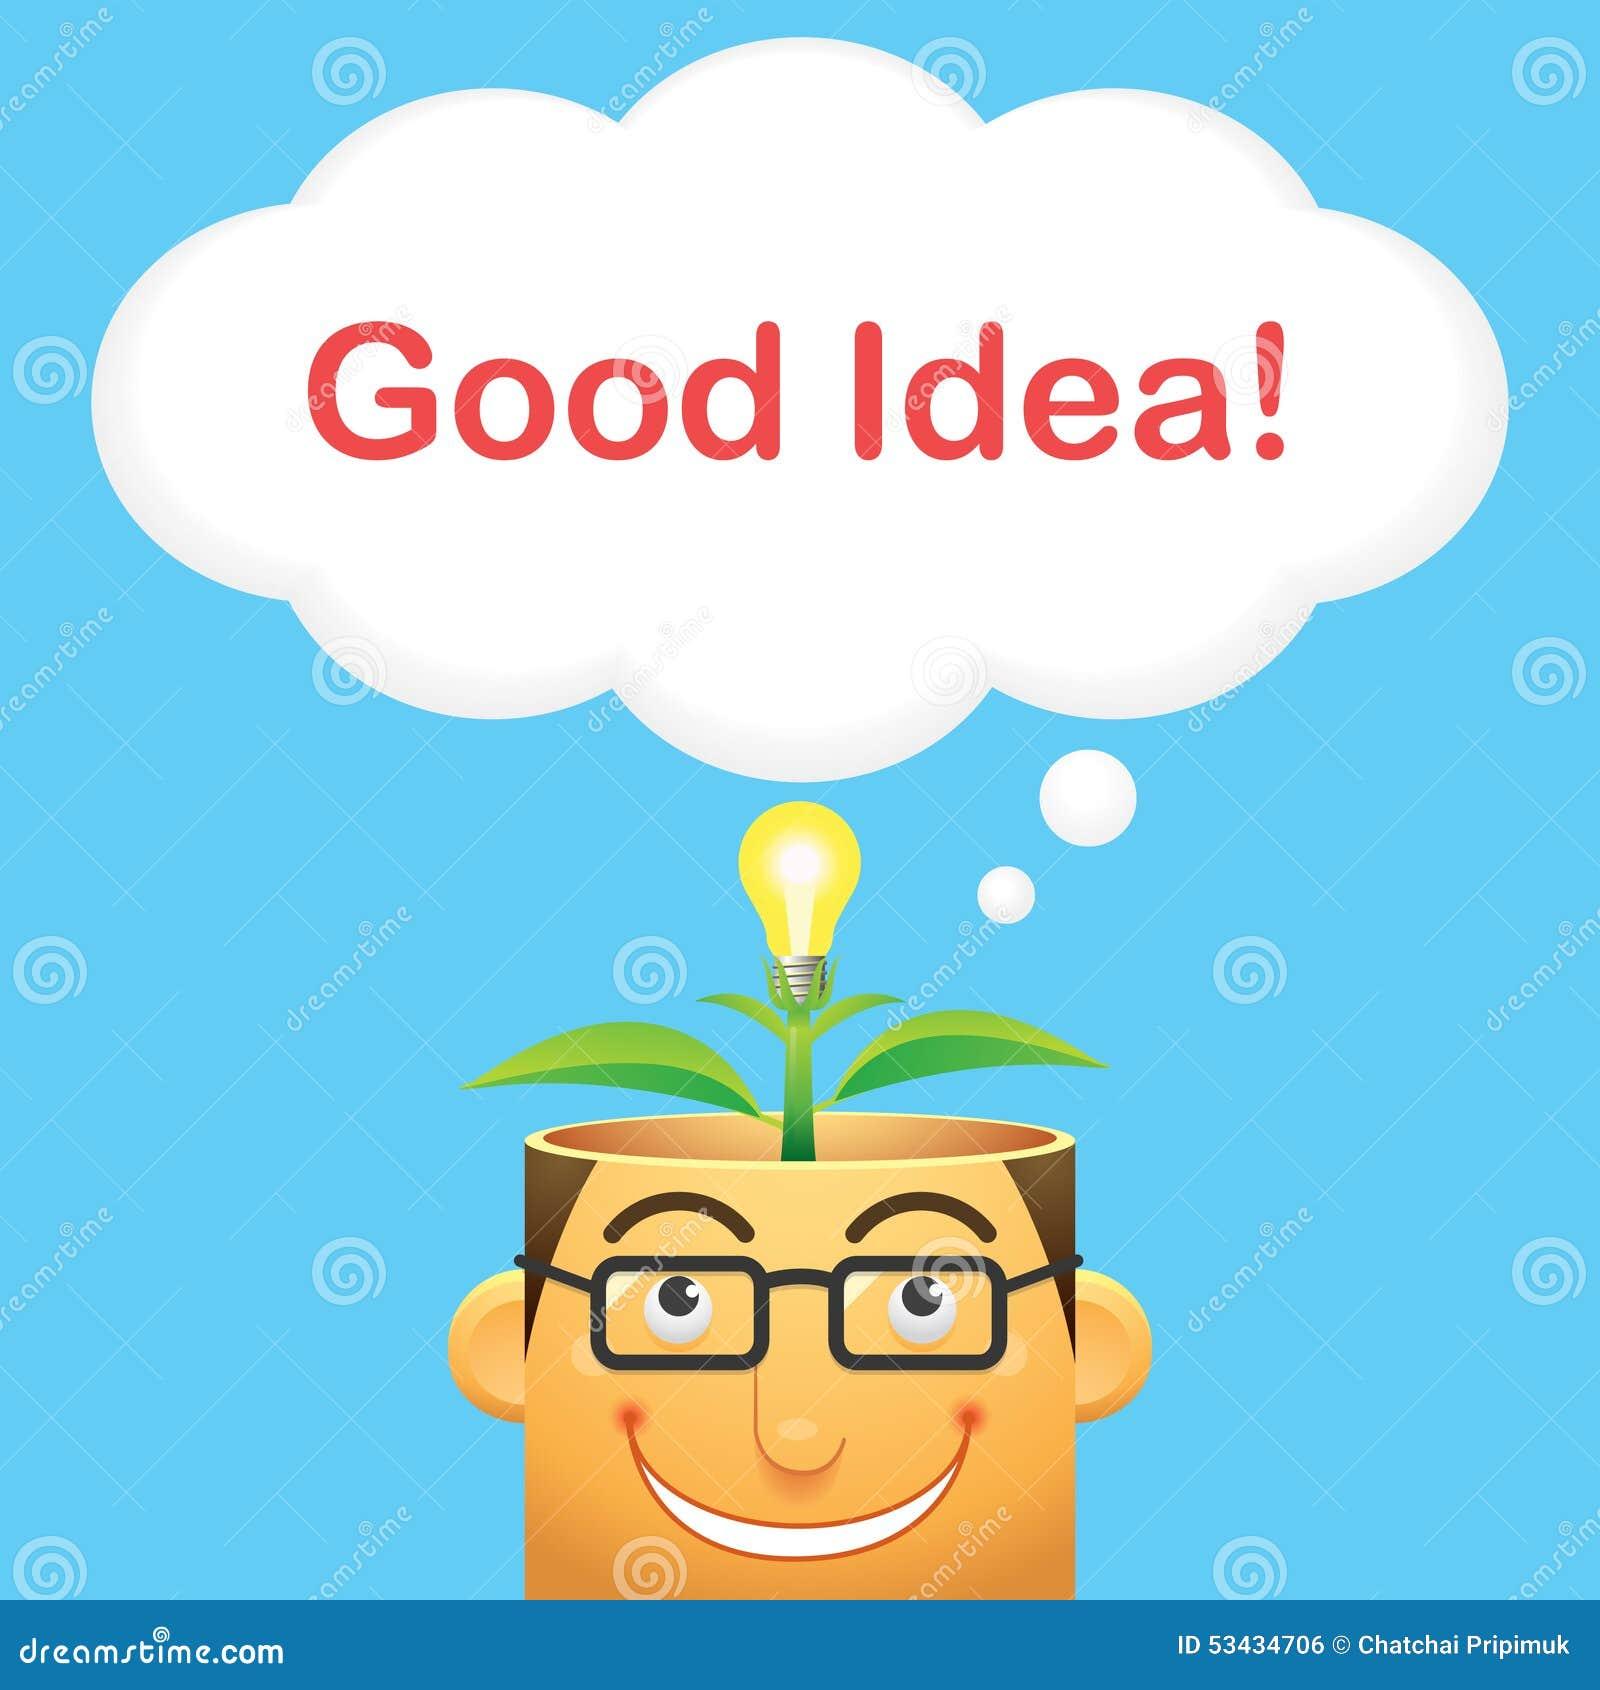 Good Idea Vector Stock Vector Image 53434706